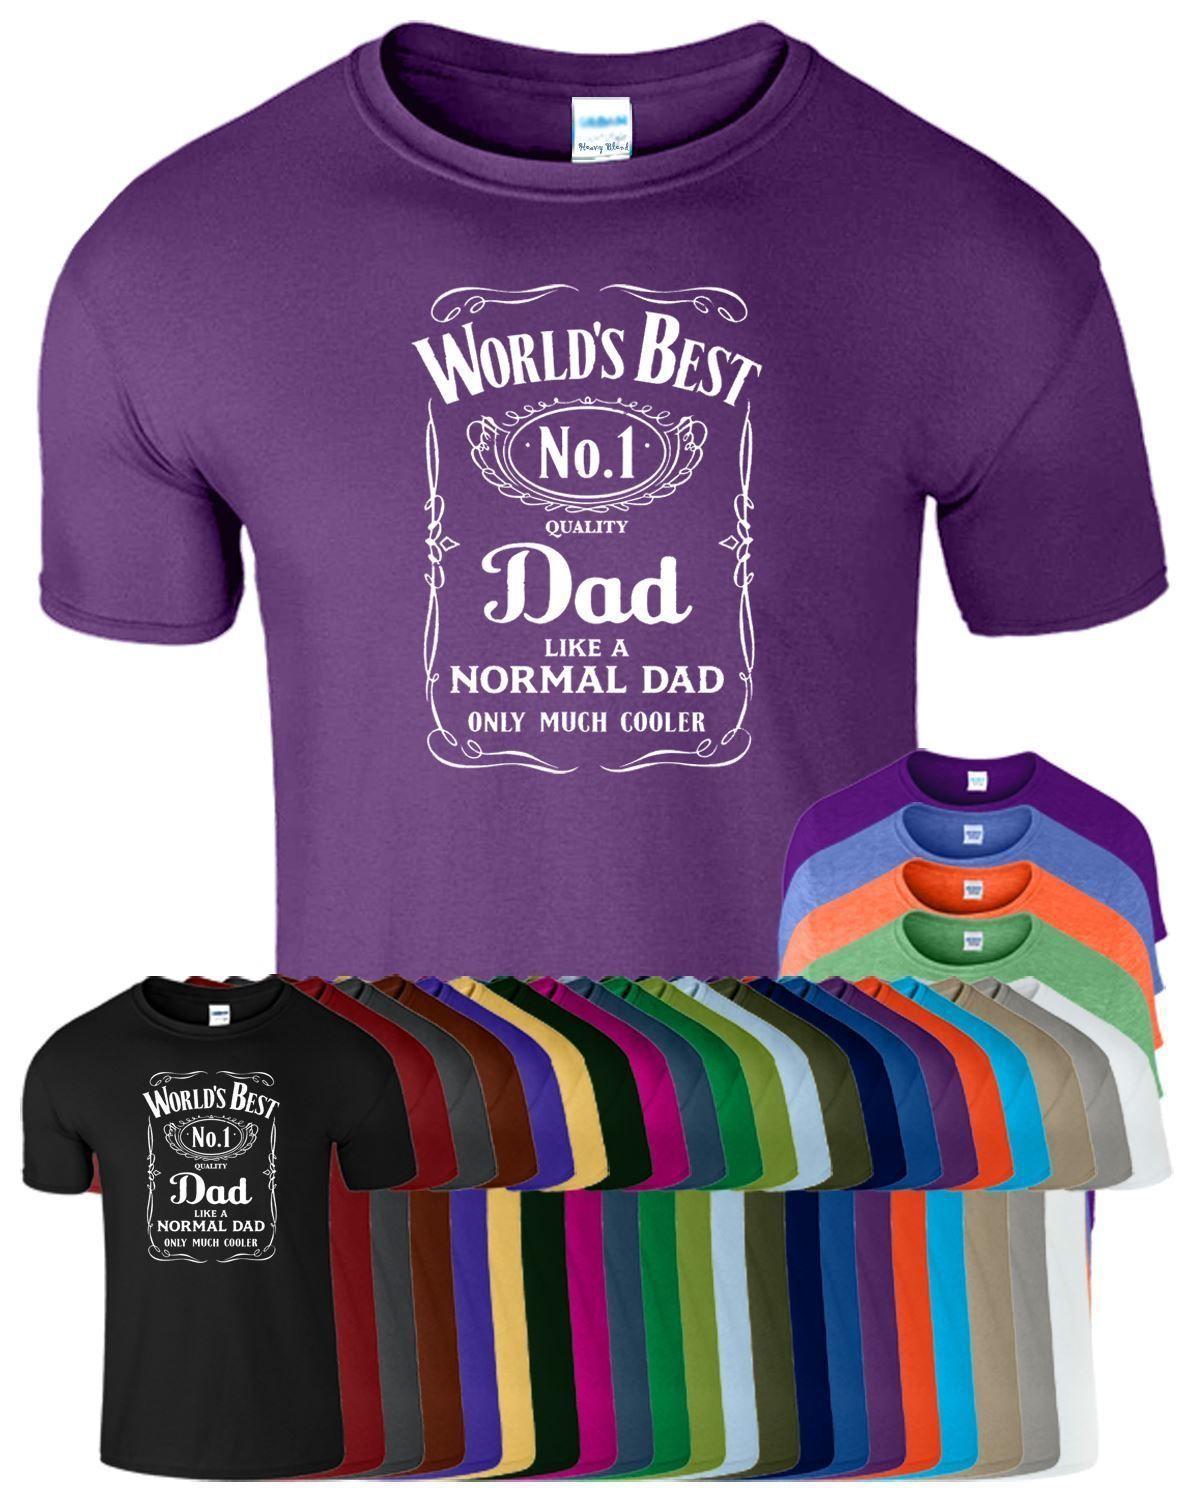 Grosshandel World Best No 1 Dad Birthday Gift Mens Funny T Shirt Von Designtshirts 1066 Auf DeDhgateCom